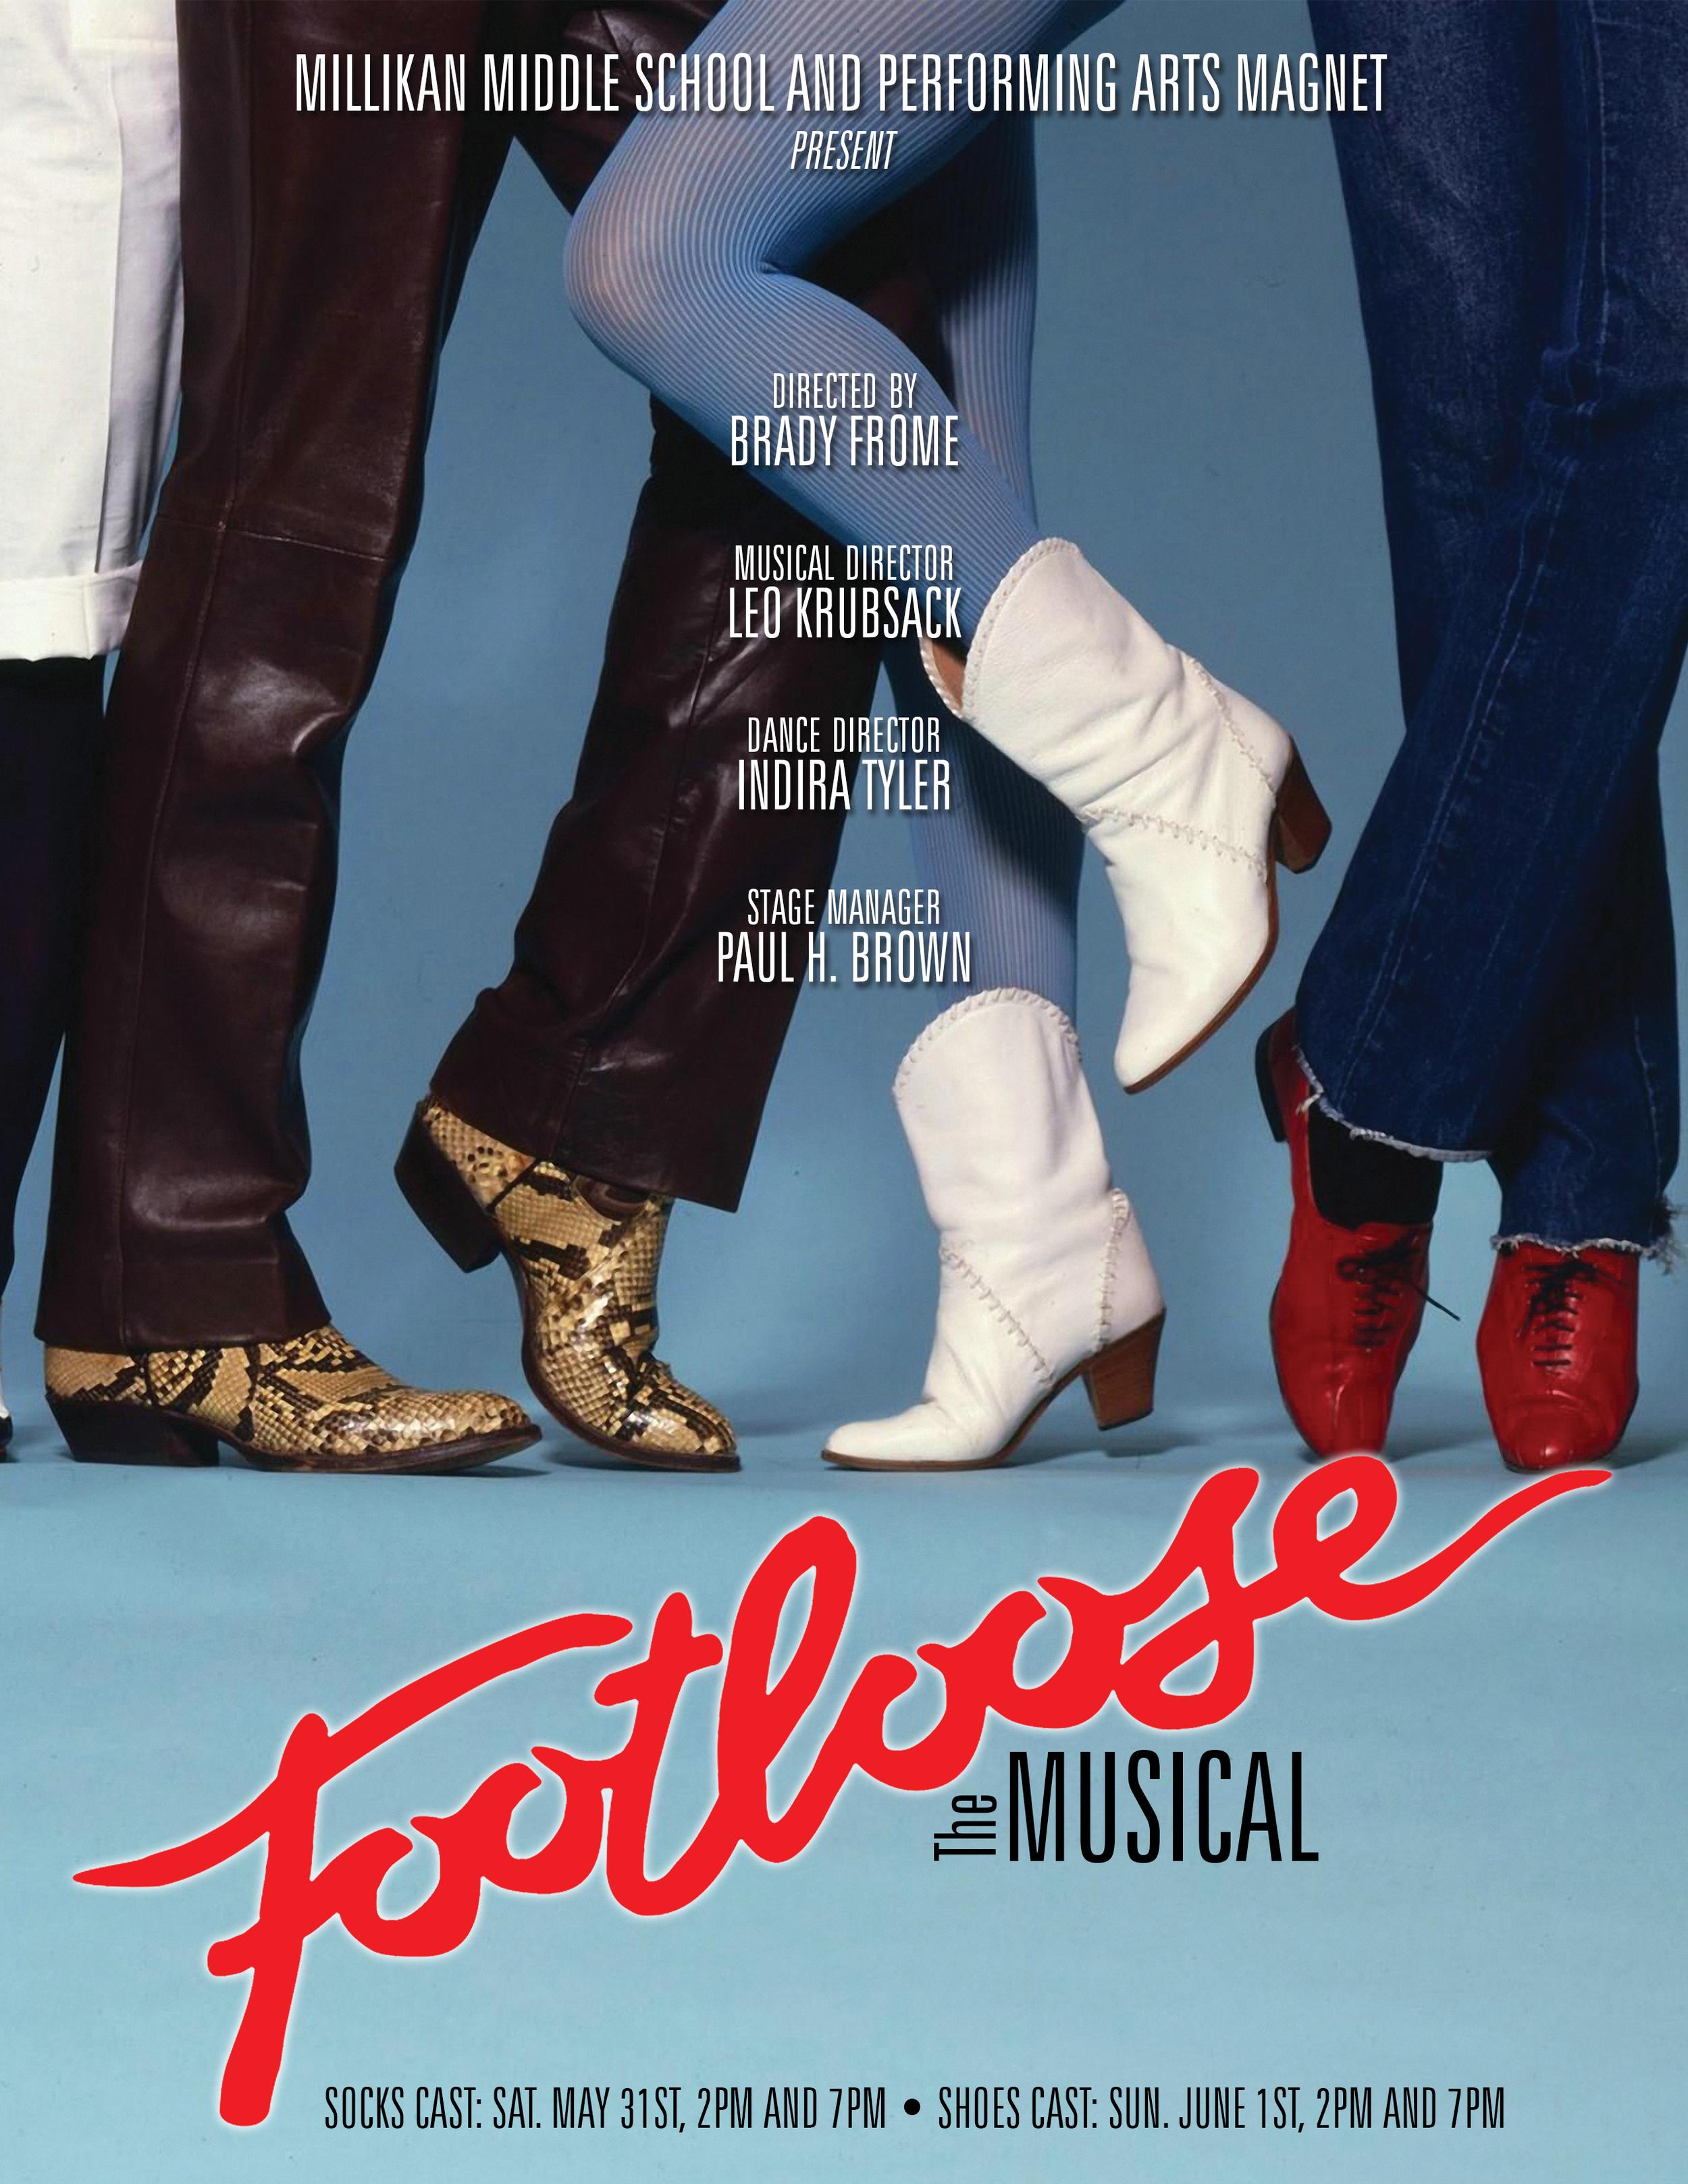 footloose_poster_8.5x11.jpg